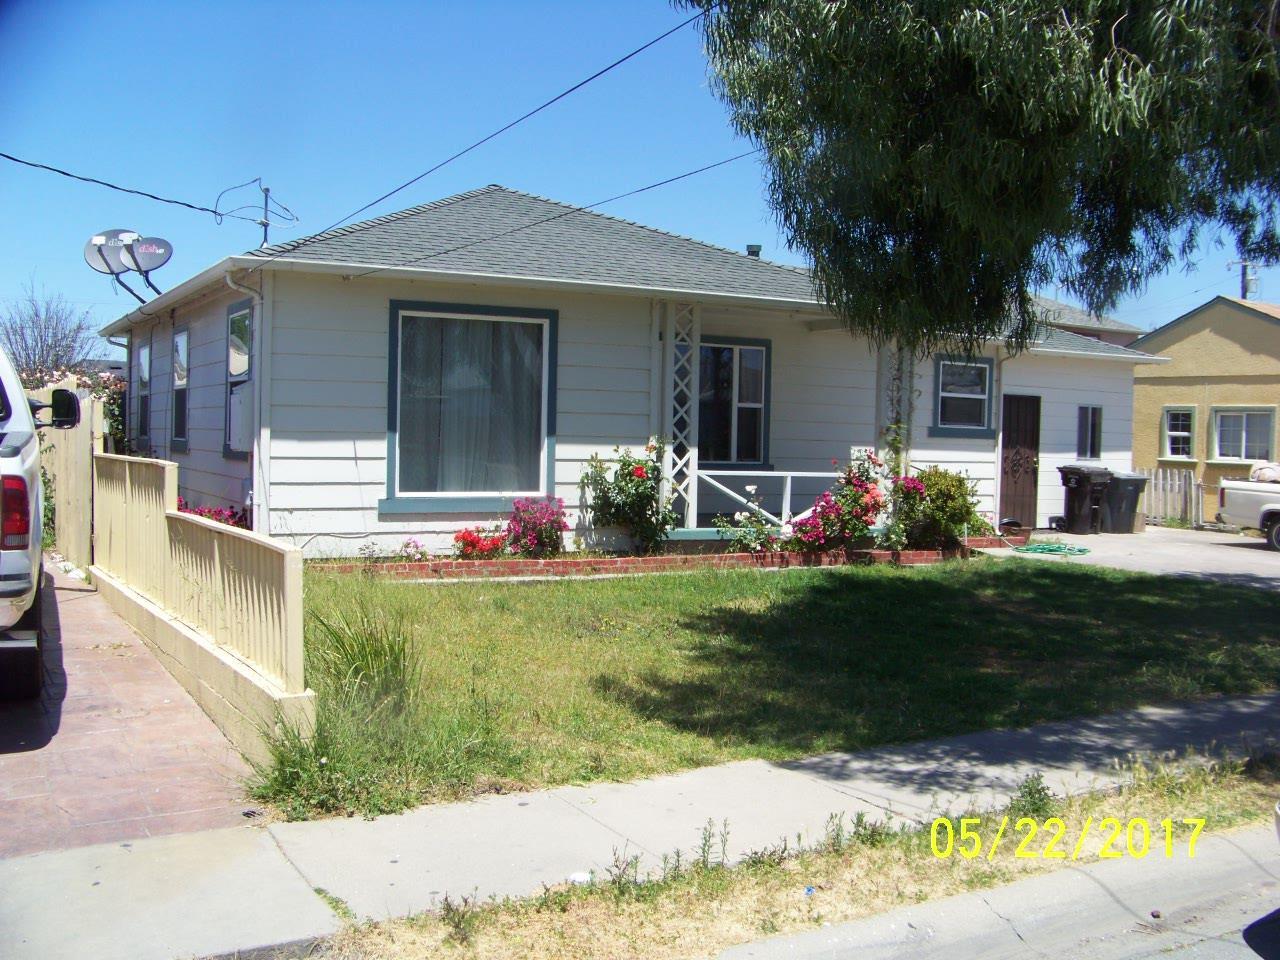 Einfamilienhaus für Verkauf beim 917 Beech Street Salinas, Kalifornien 93905 Vereinigte Staaten